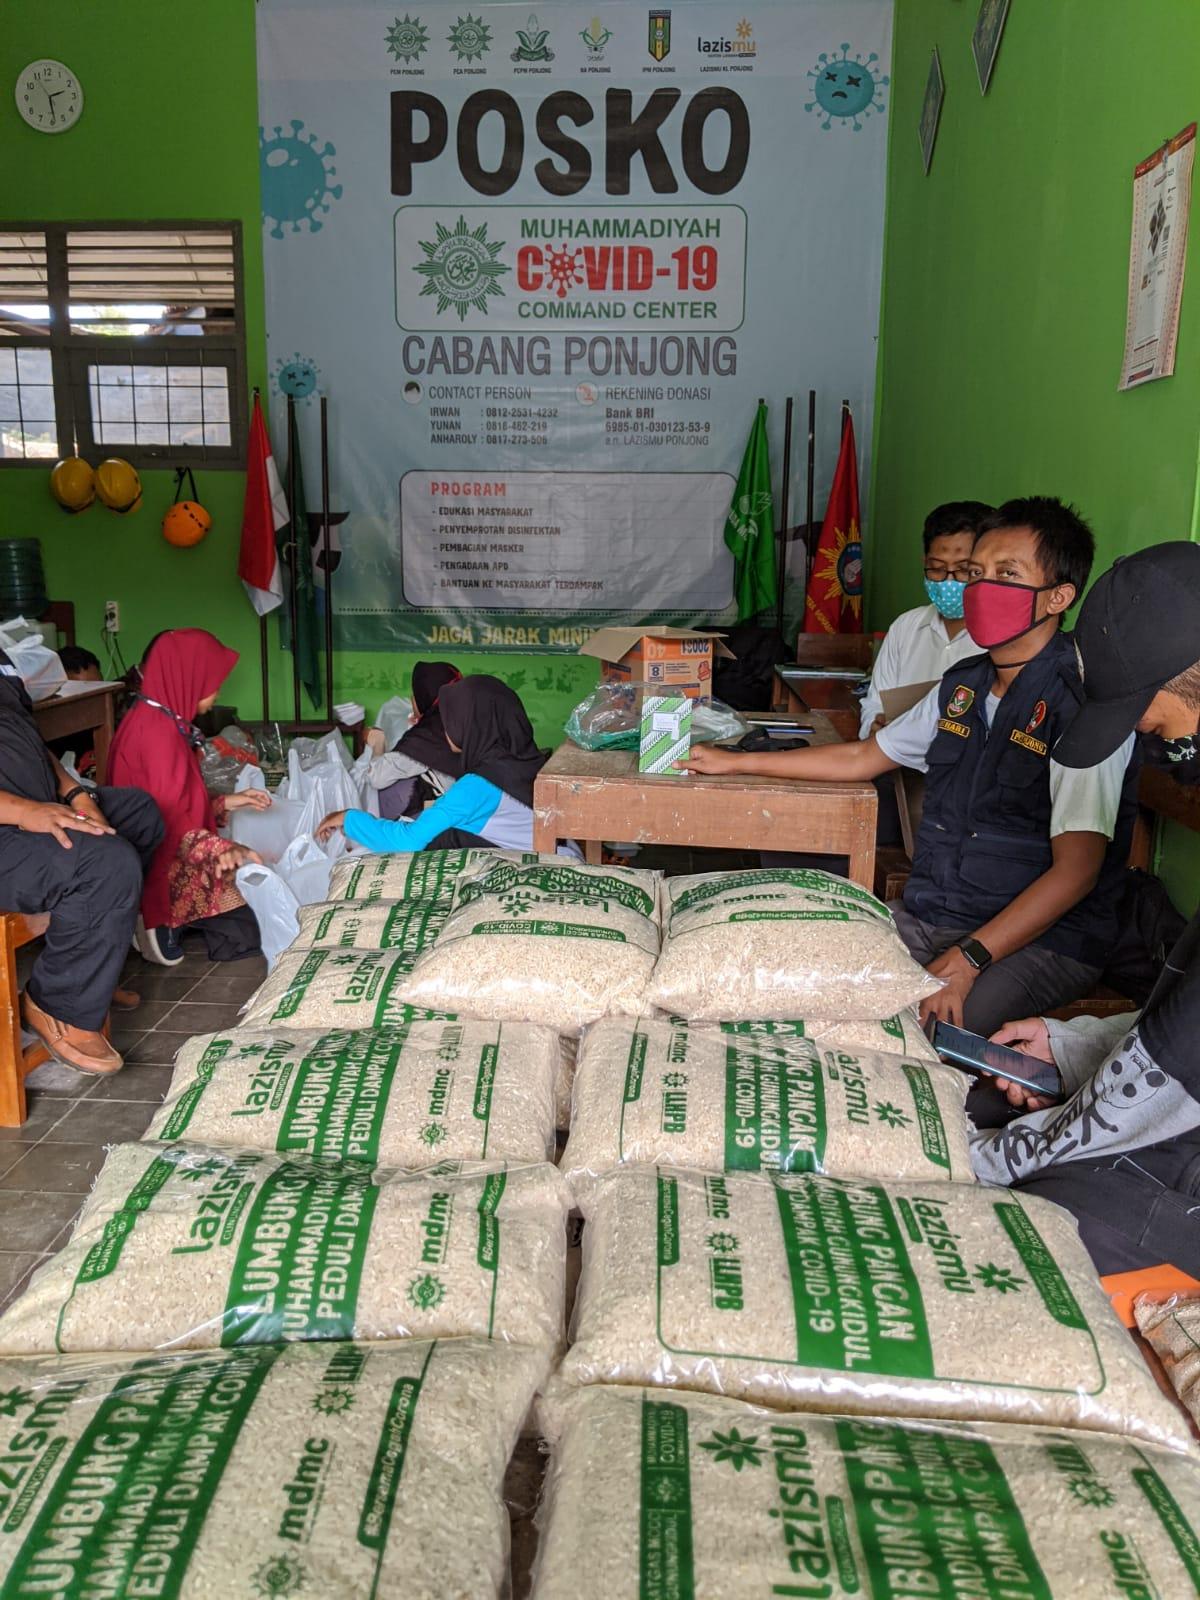 Persiapan Pembuatan Paket Sembako Dampak Wabah COVID 19 MCCC Cabang Ponjong